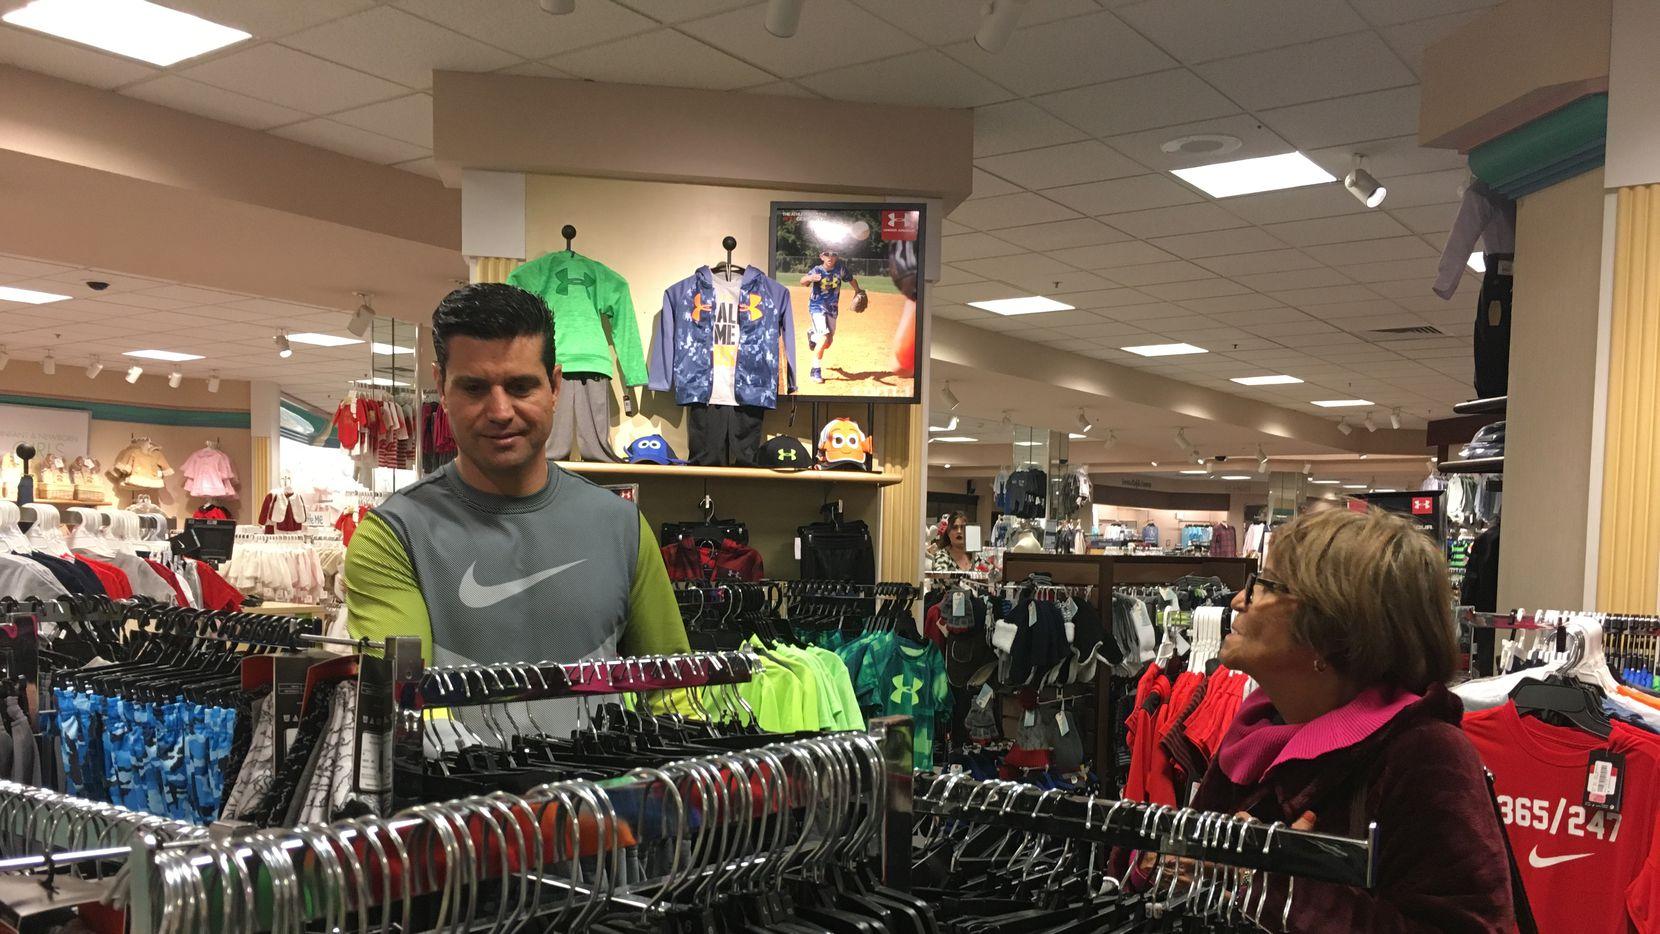 César Robles y su madre Luz Martínez de Chihuahua, Chihuahua, compran en un mall en El Paso.